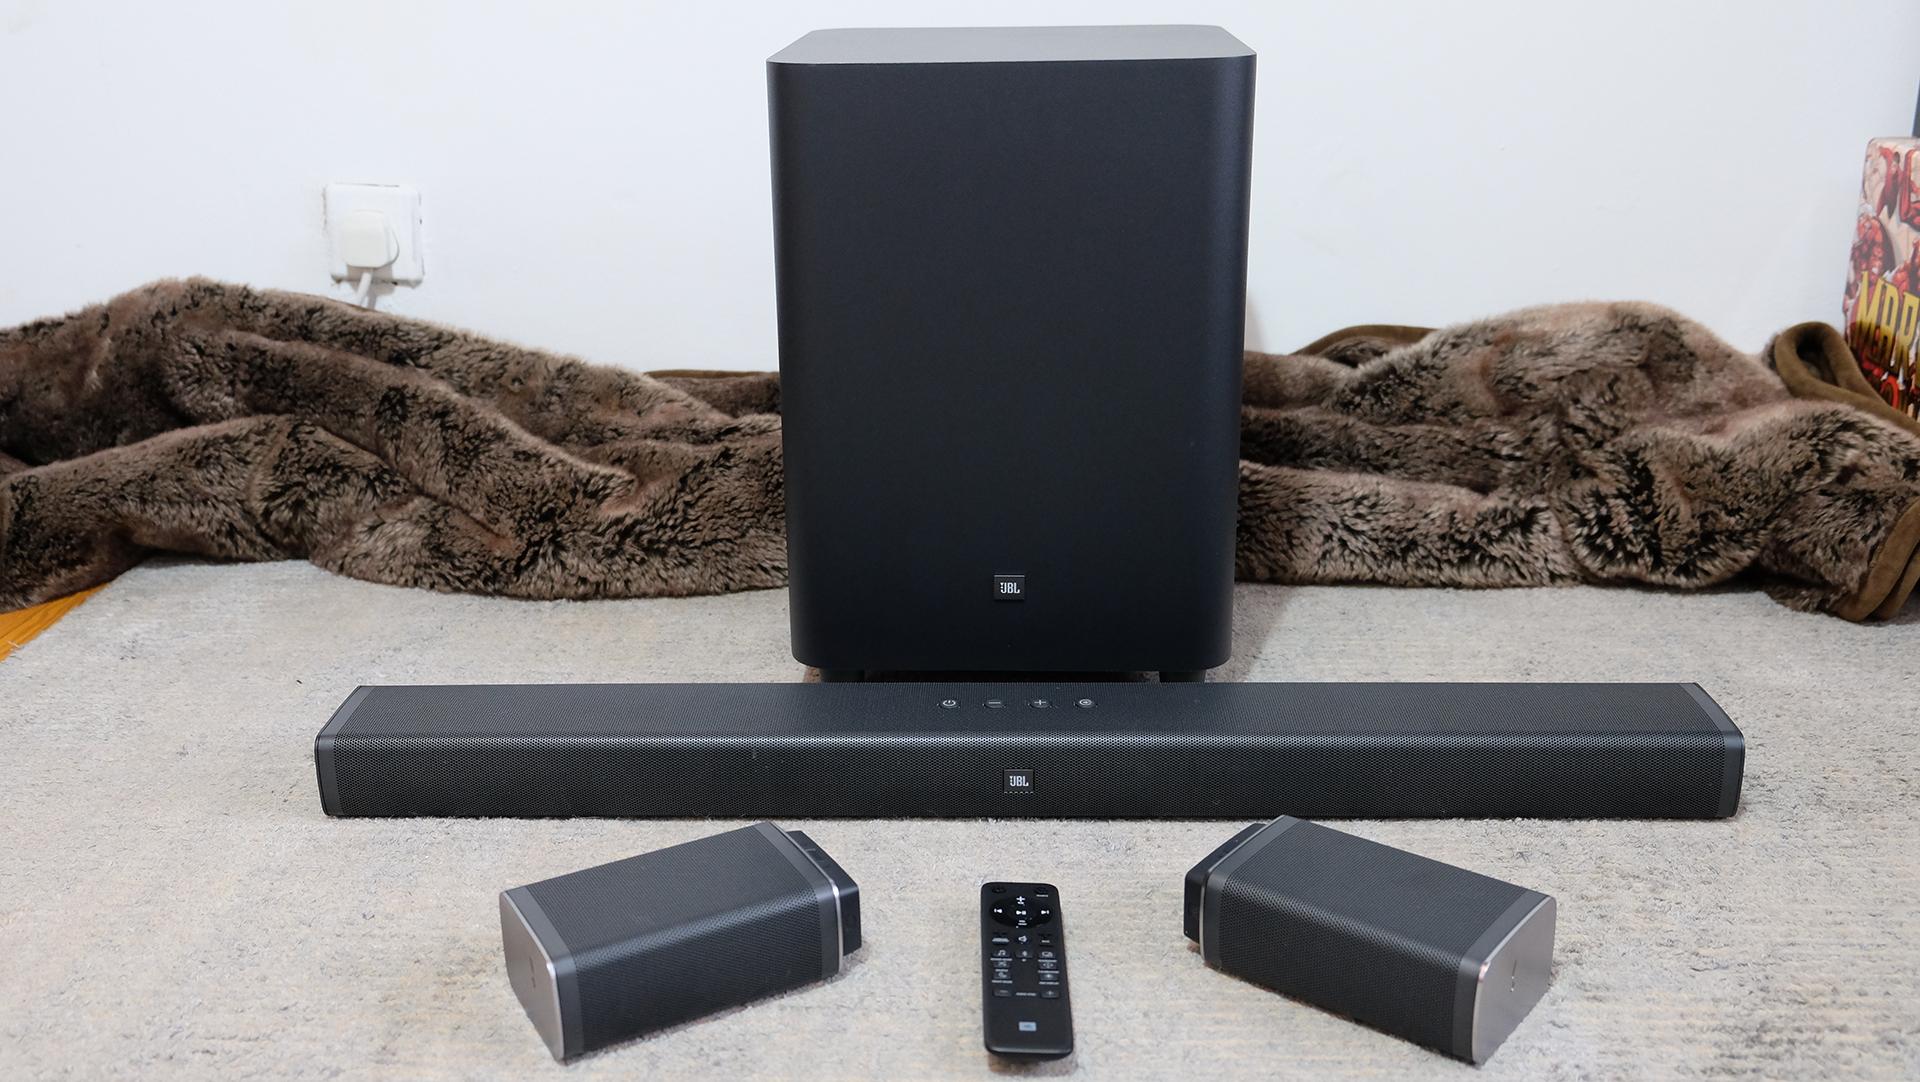 Loa Bluetooth JBL Bar 5.1 (Black) đem tới thiết kế sang trọng trong không gian sử dụng